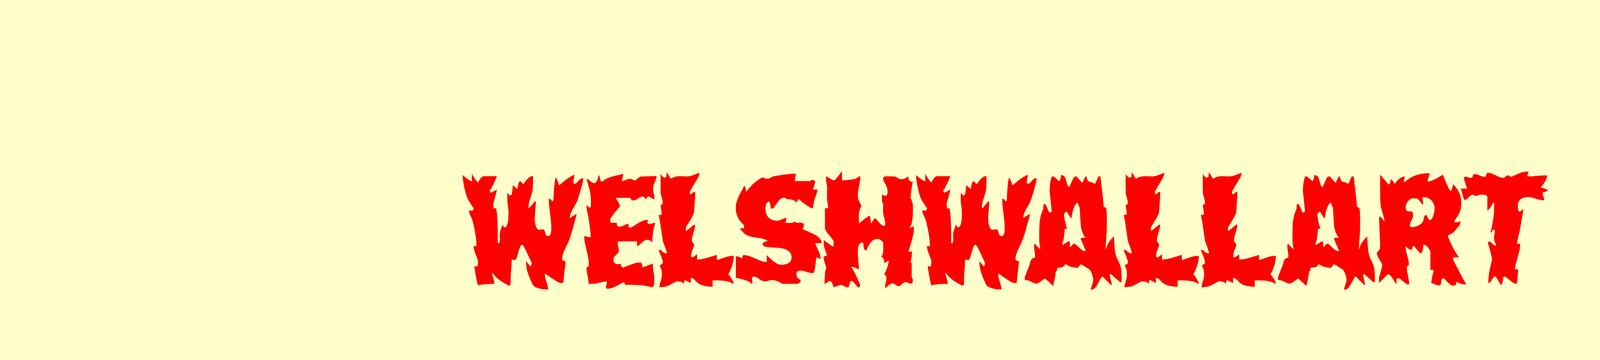 welshwallart